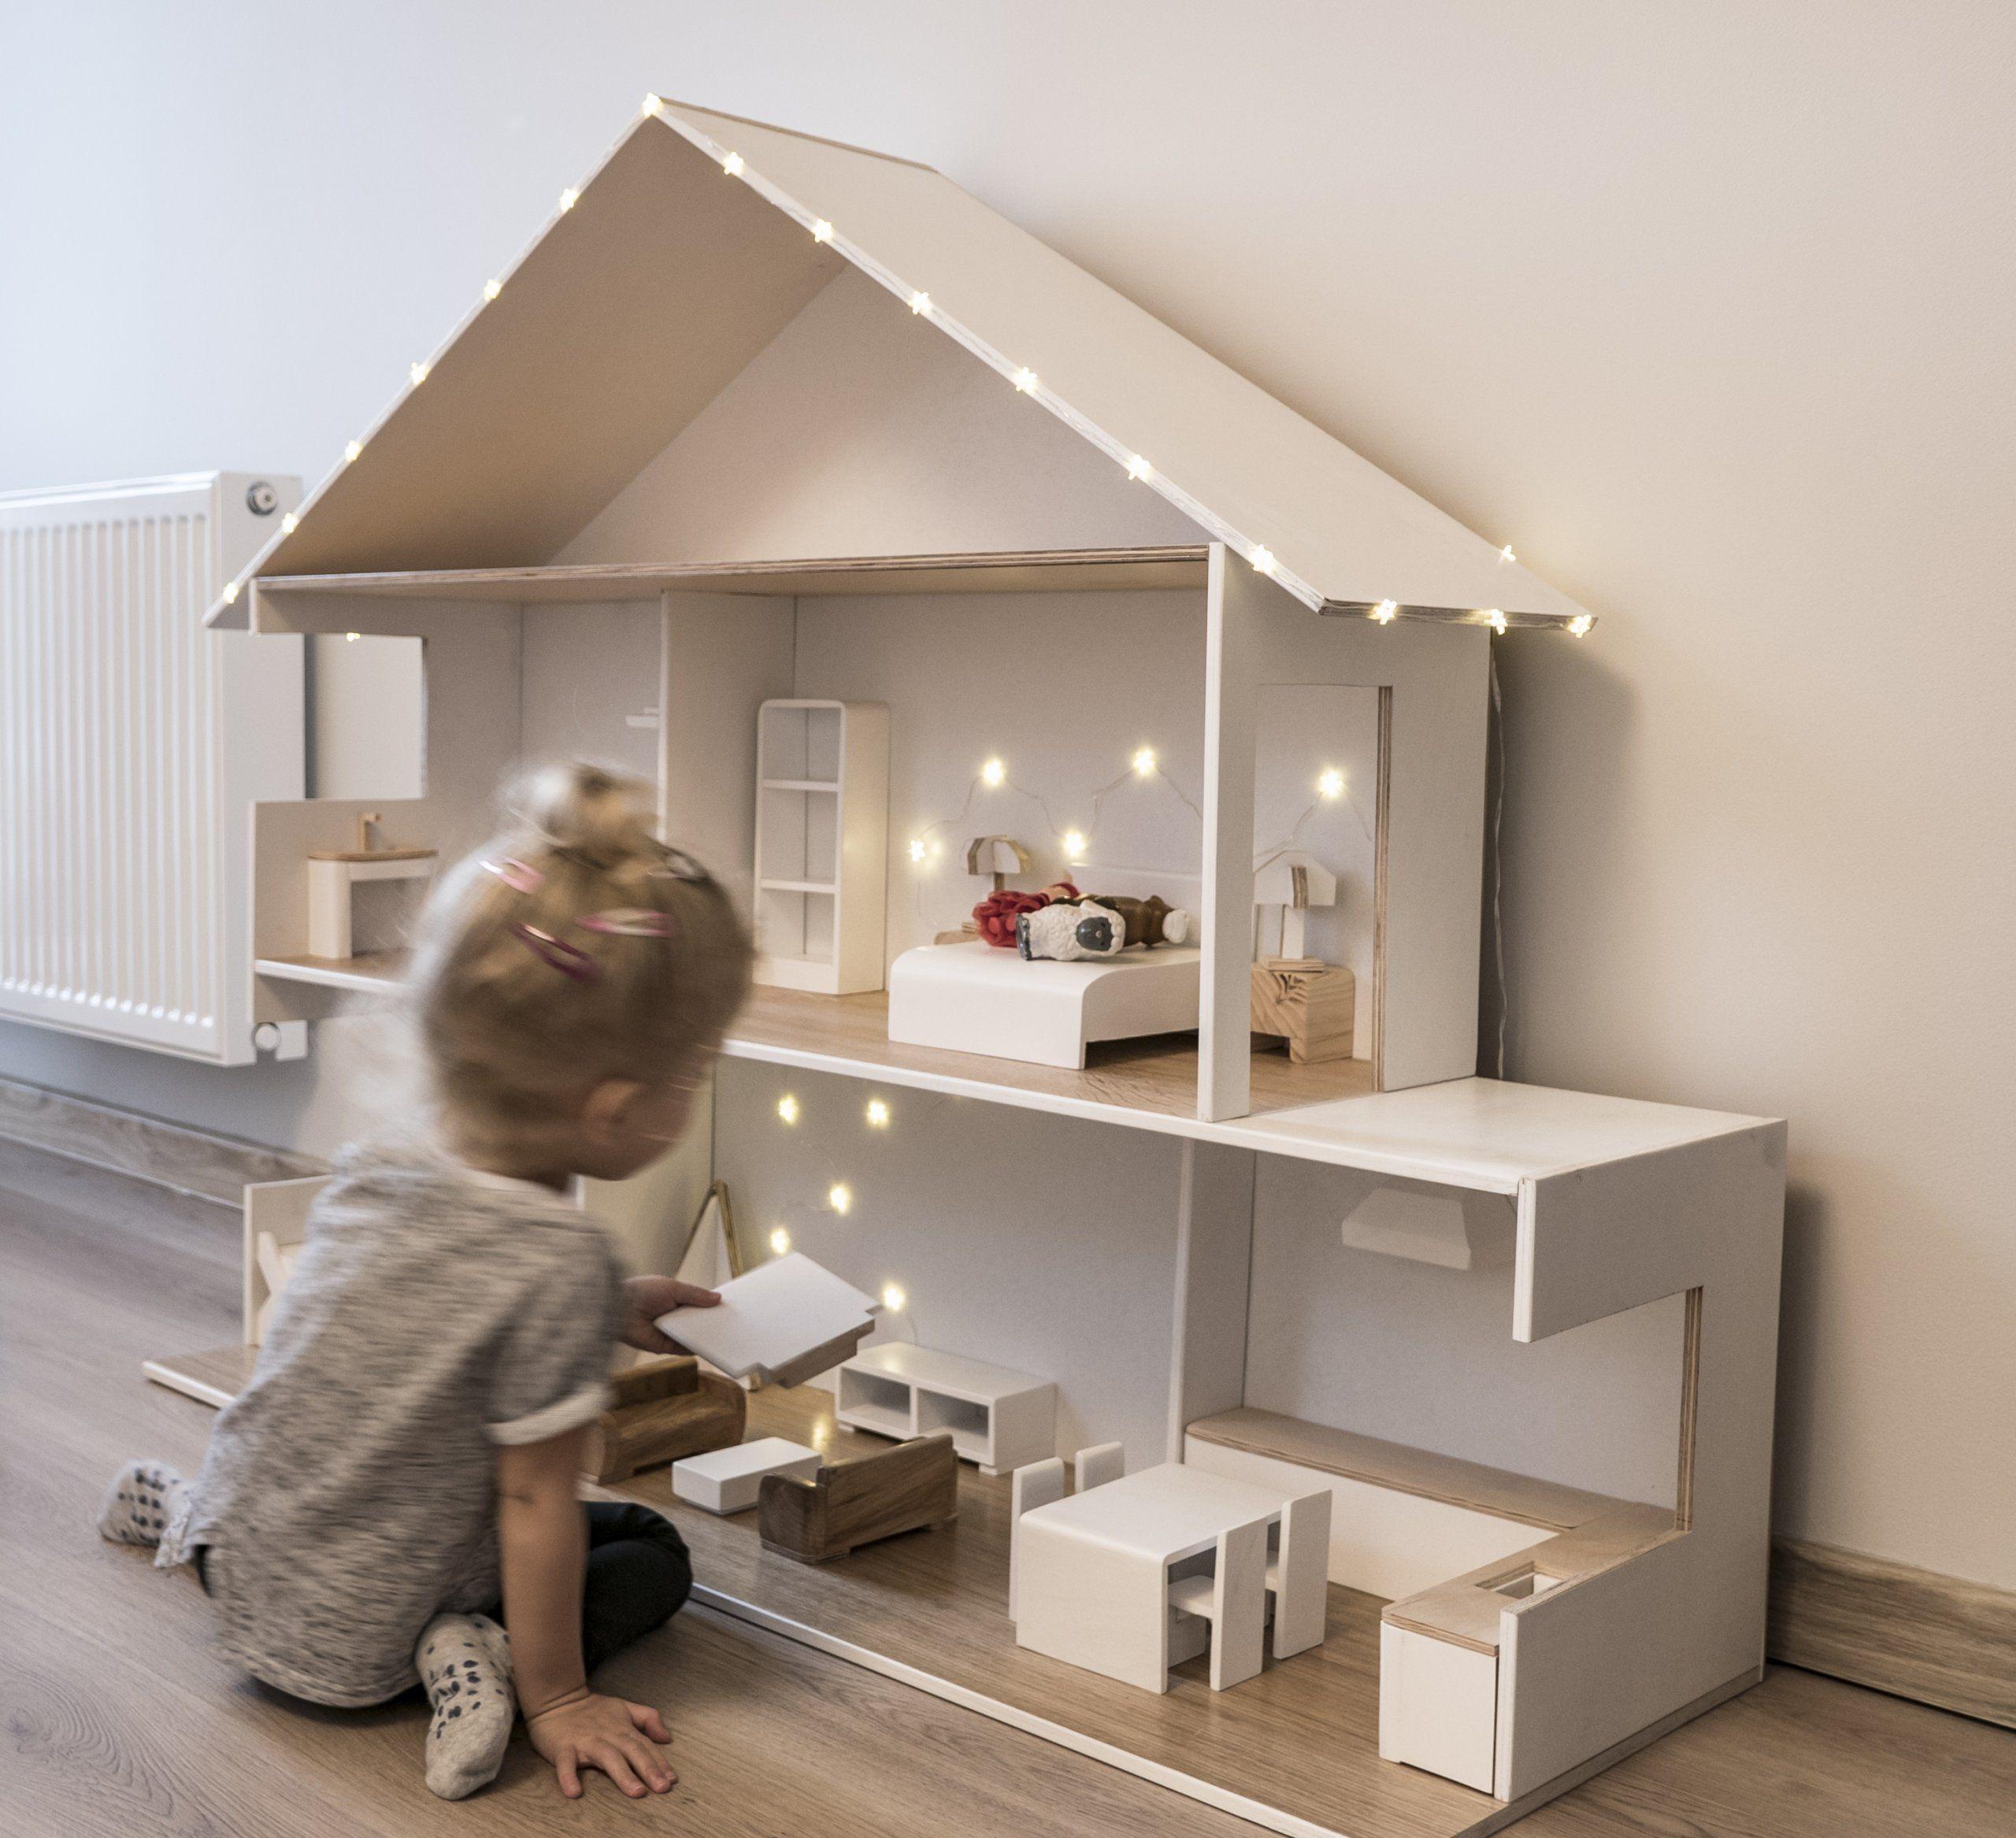 Drewniany Domek Dla Lalek Oświetlenie Mebelki 7088148612 Oficjalne Archiwum Allegro Doll House Plans Barbie Doll House Doll House